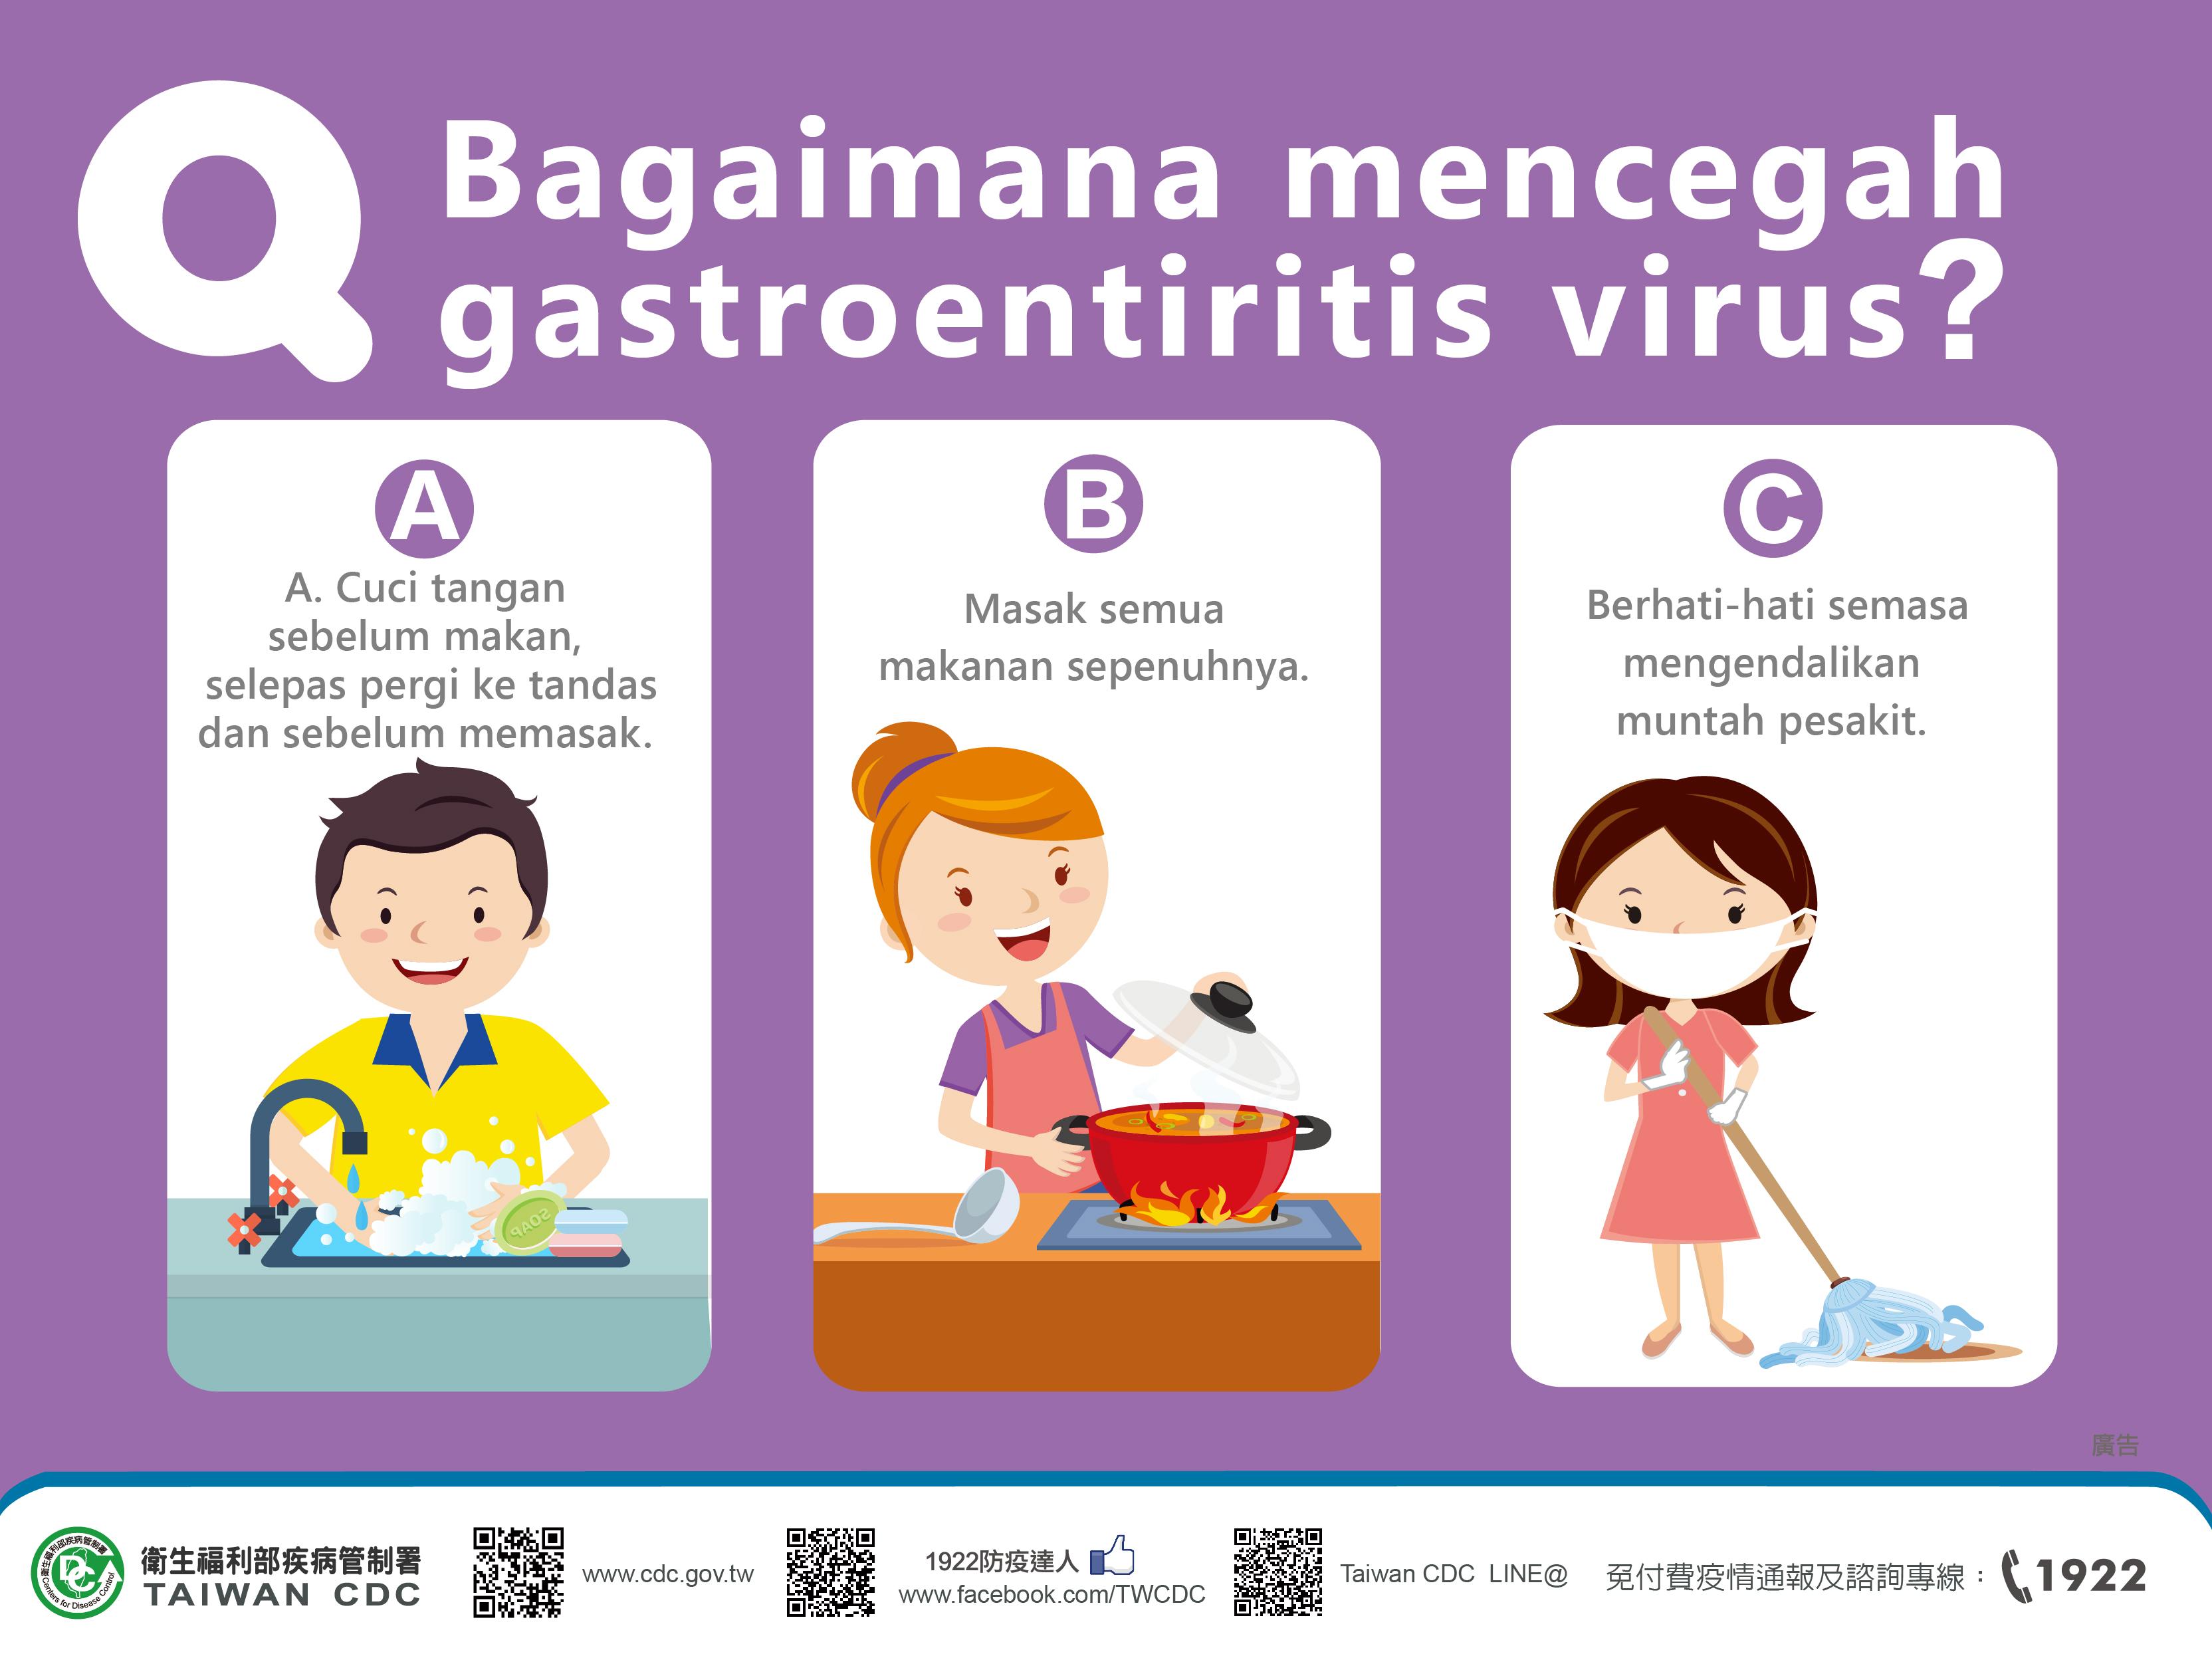 詳如附件【klik saya】Bagaimana mencegah gastroentiritis virus如何預防病毒性腸胃炎(馬來文)